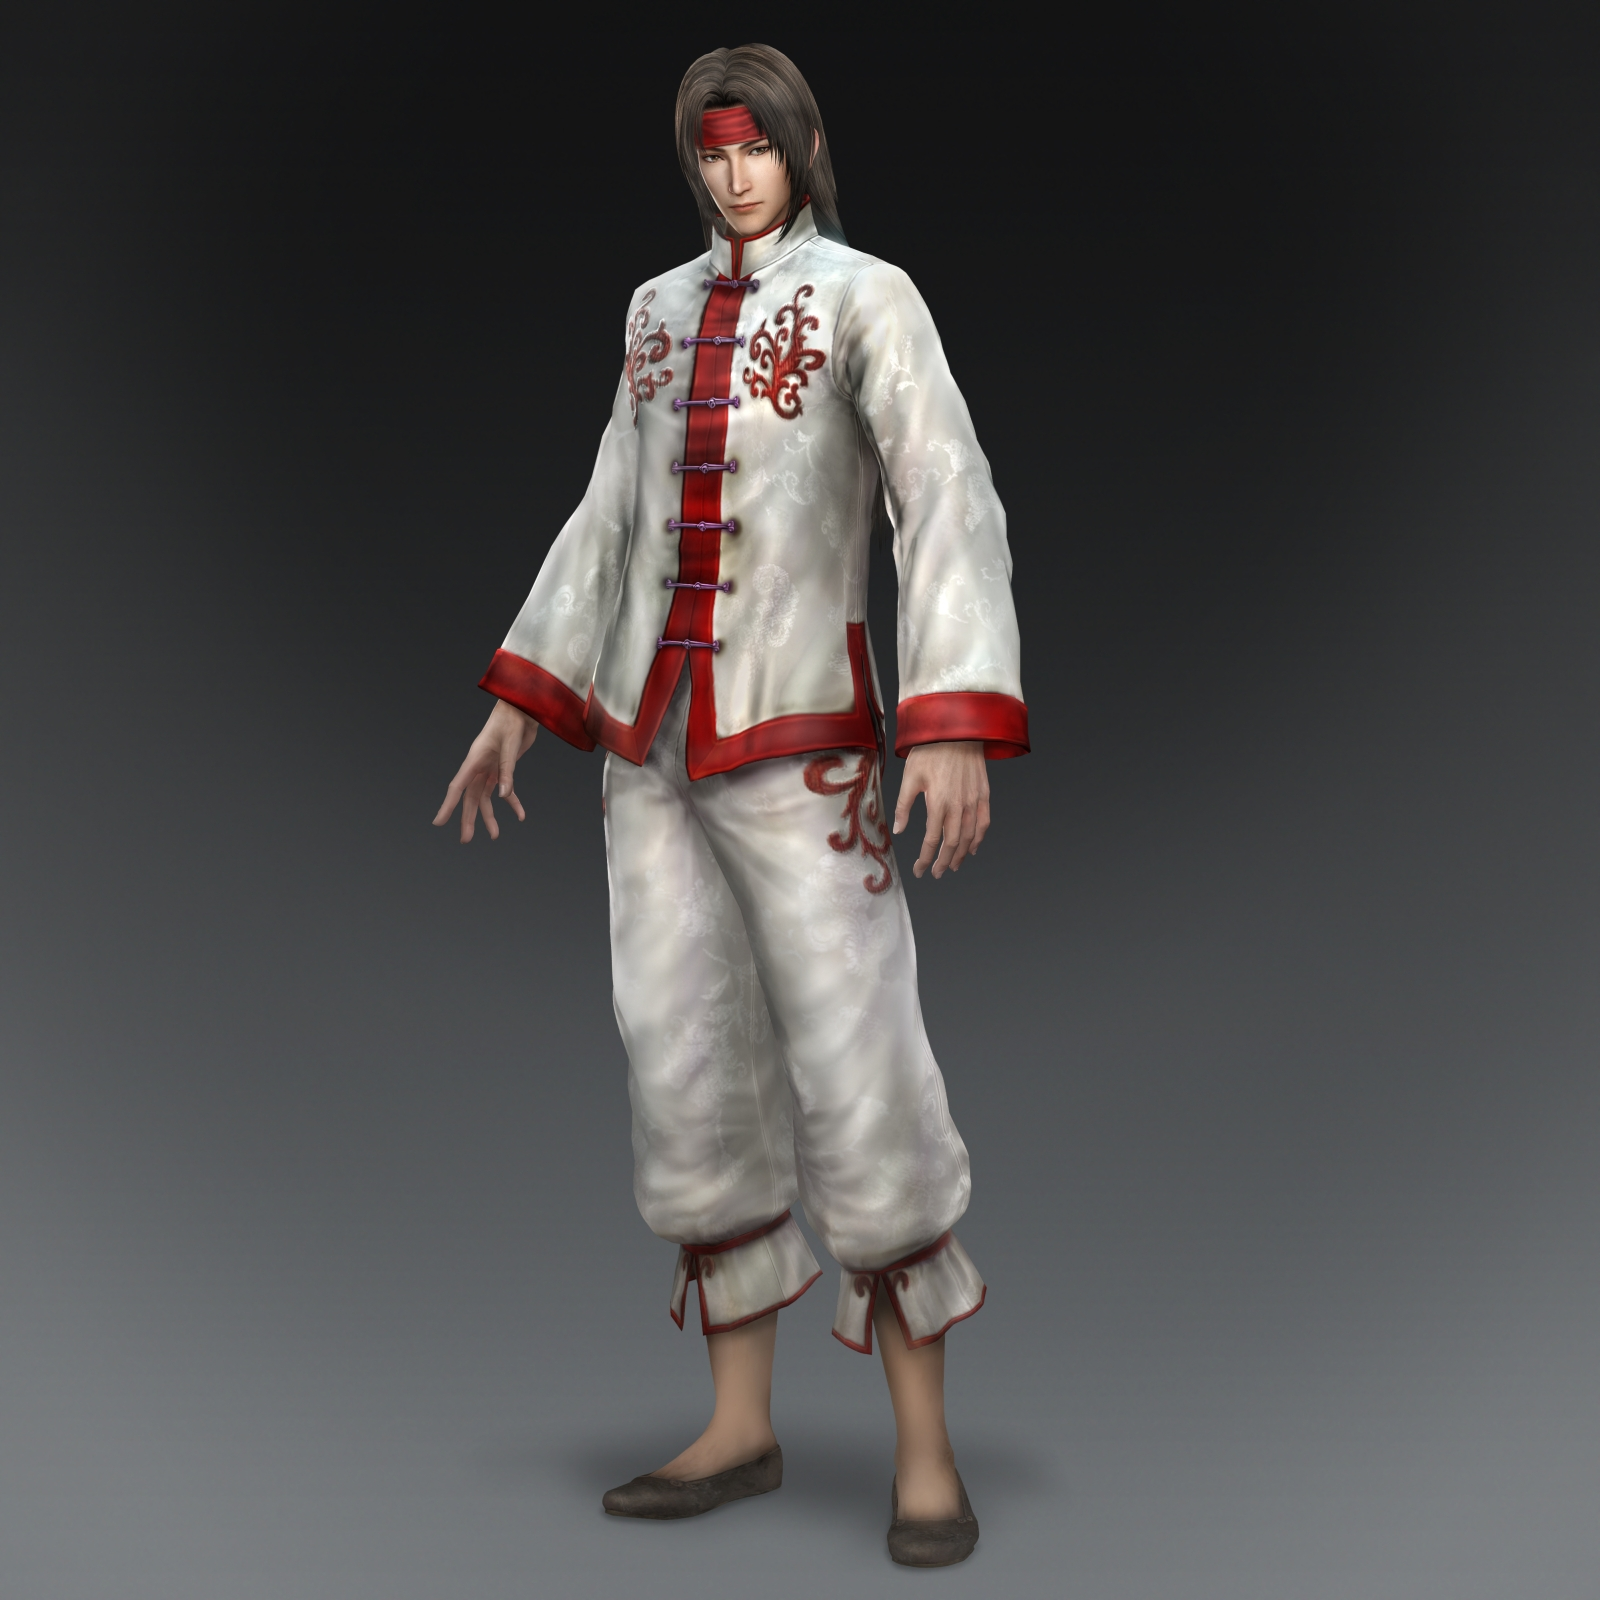 Zhou Yu DW1 Costume  DW8 DLC   Zhou Yu Dynasty Warriors 8